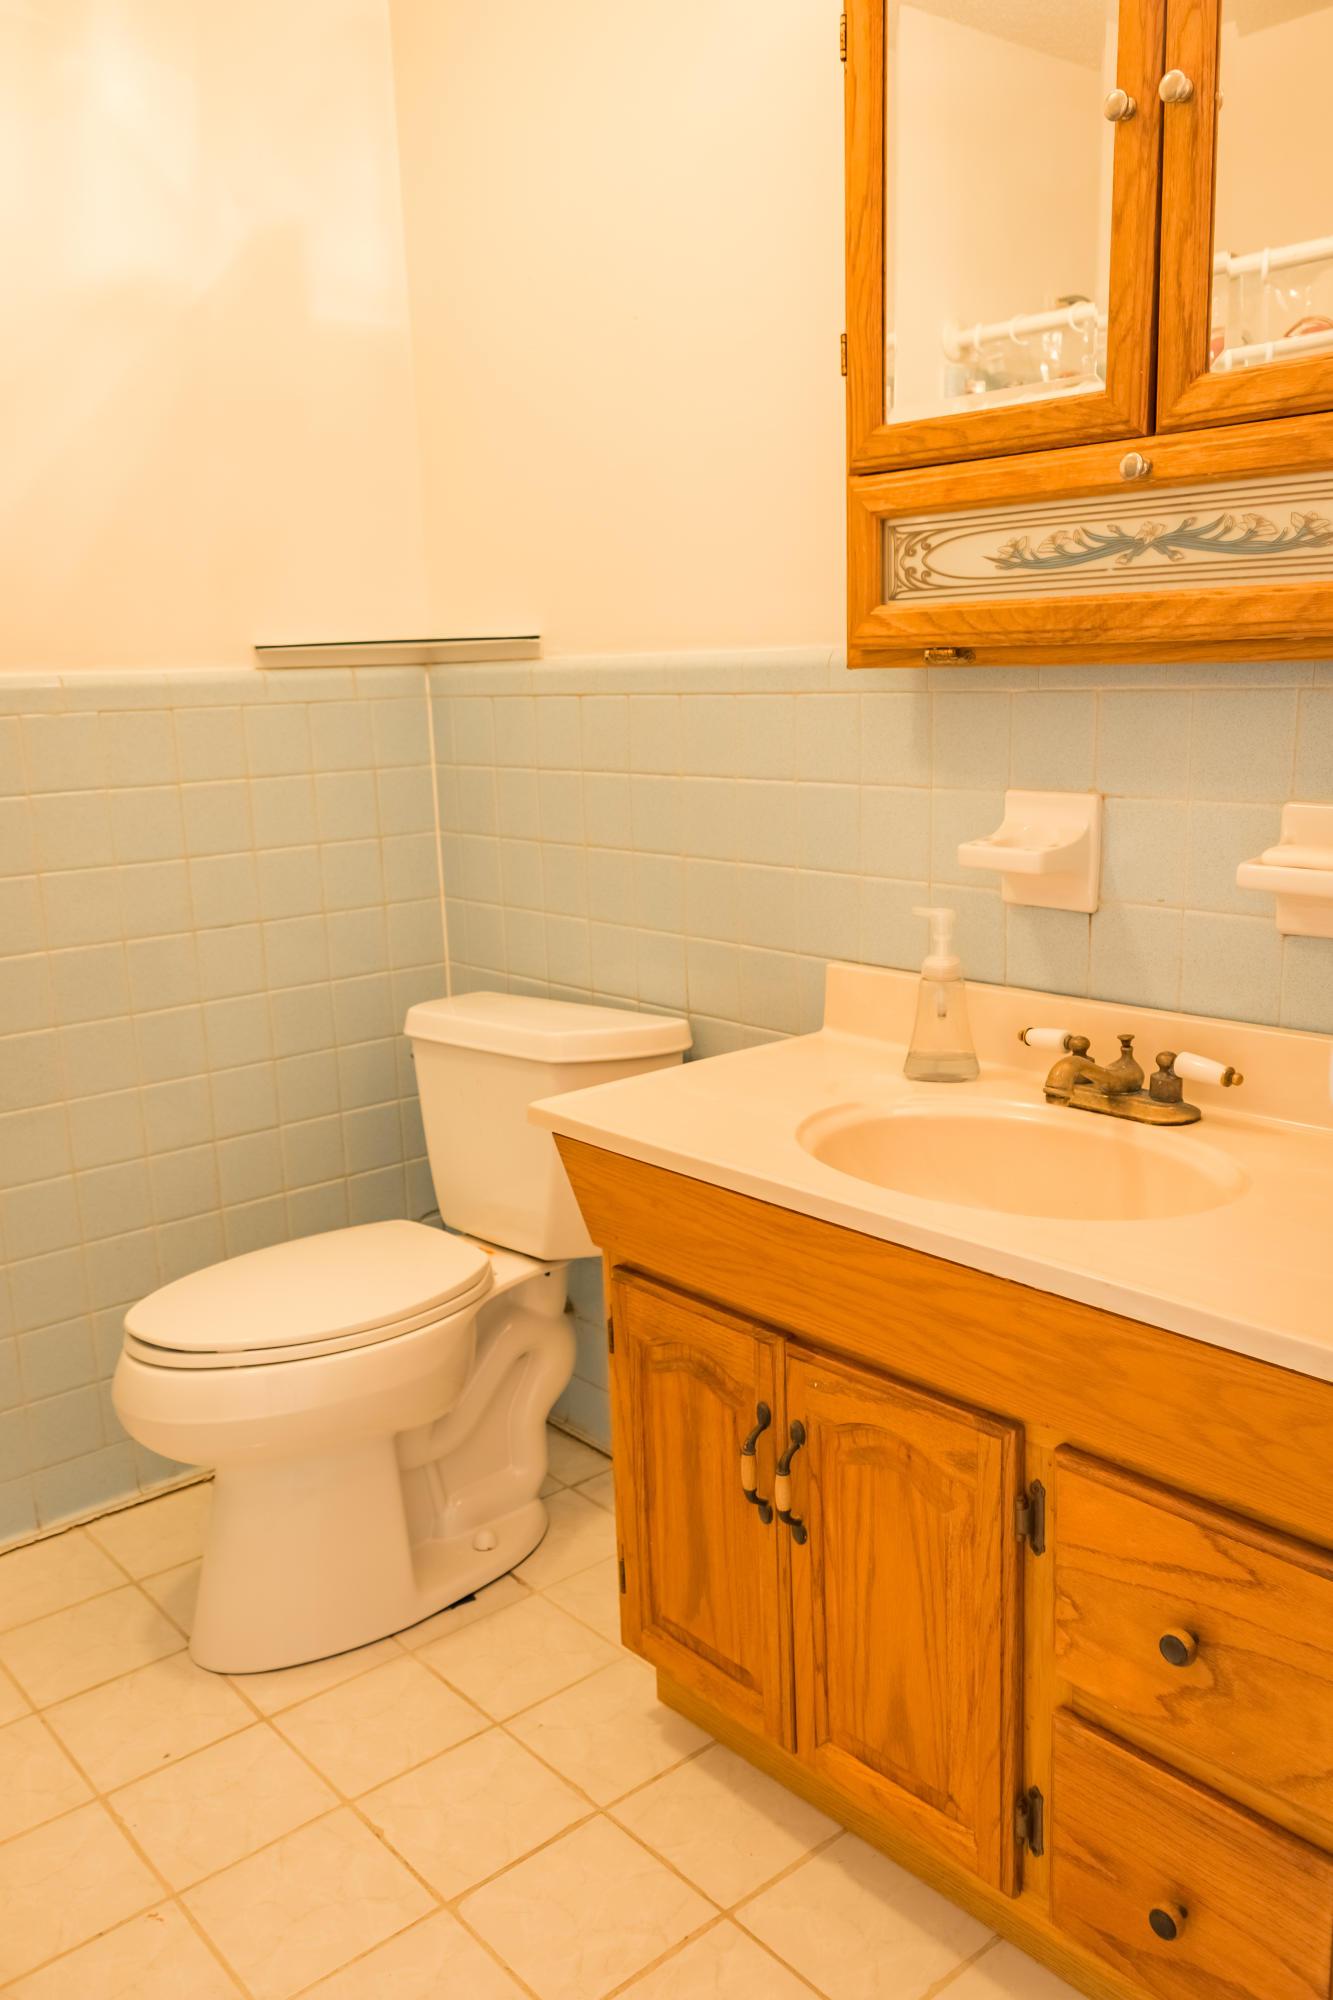 Laurel Park Homes For Sale - 1754 Houghton, Charleston, SC - 7